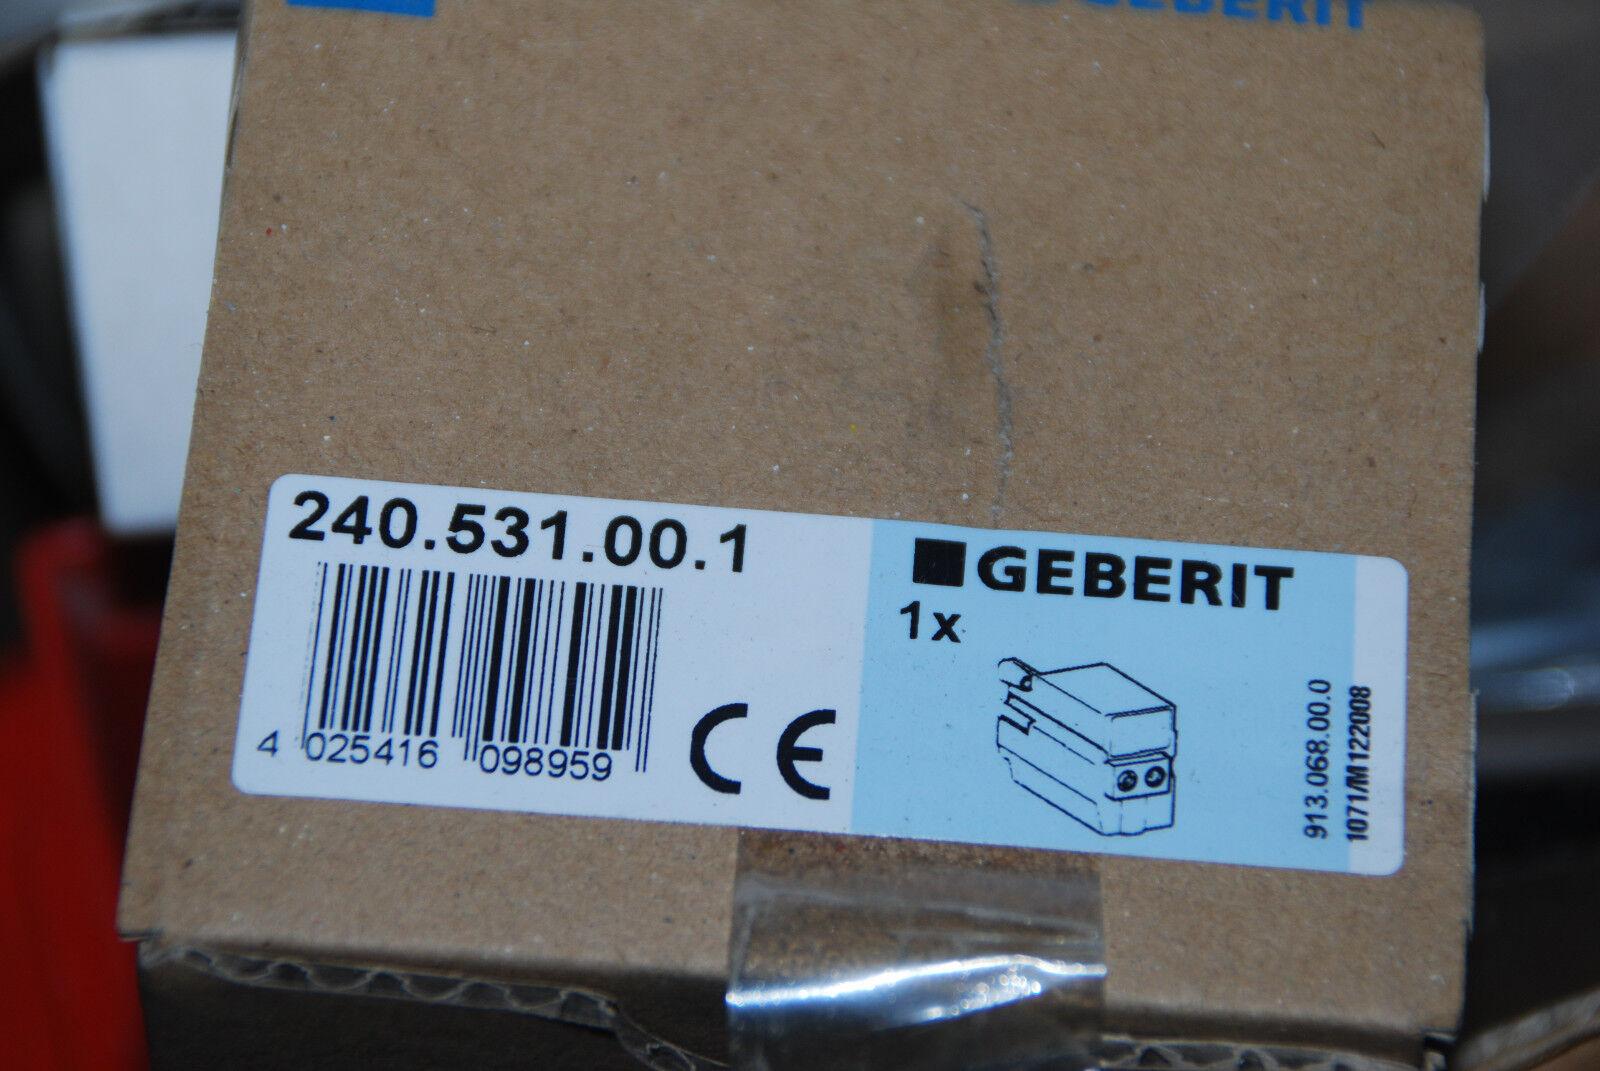 GEBERIT 240.531.00.1 240531001 IR-NETZTEIL ZU PUBLIC UR 230V 12V DC NEU